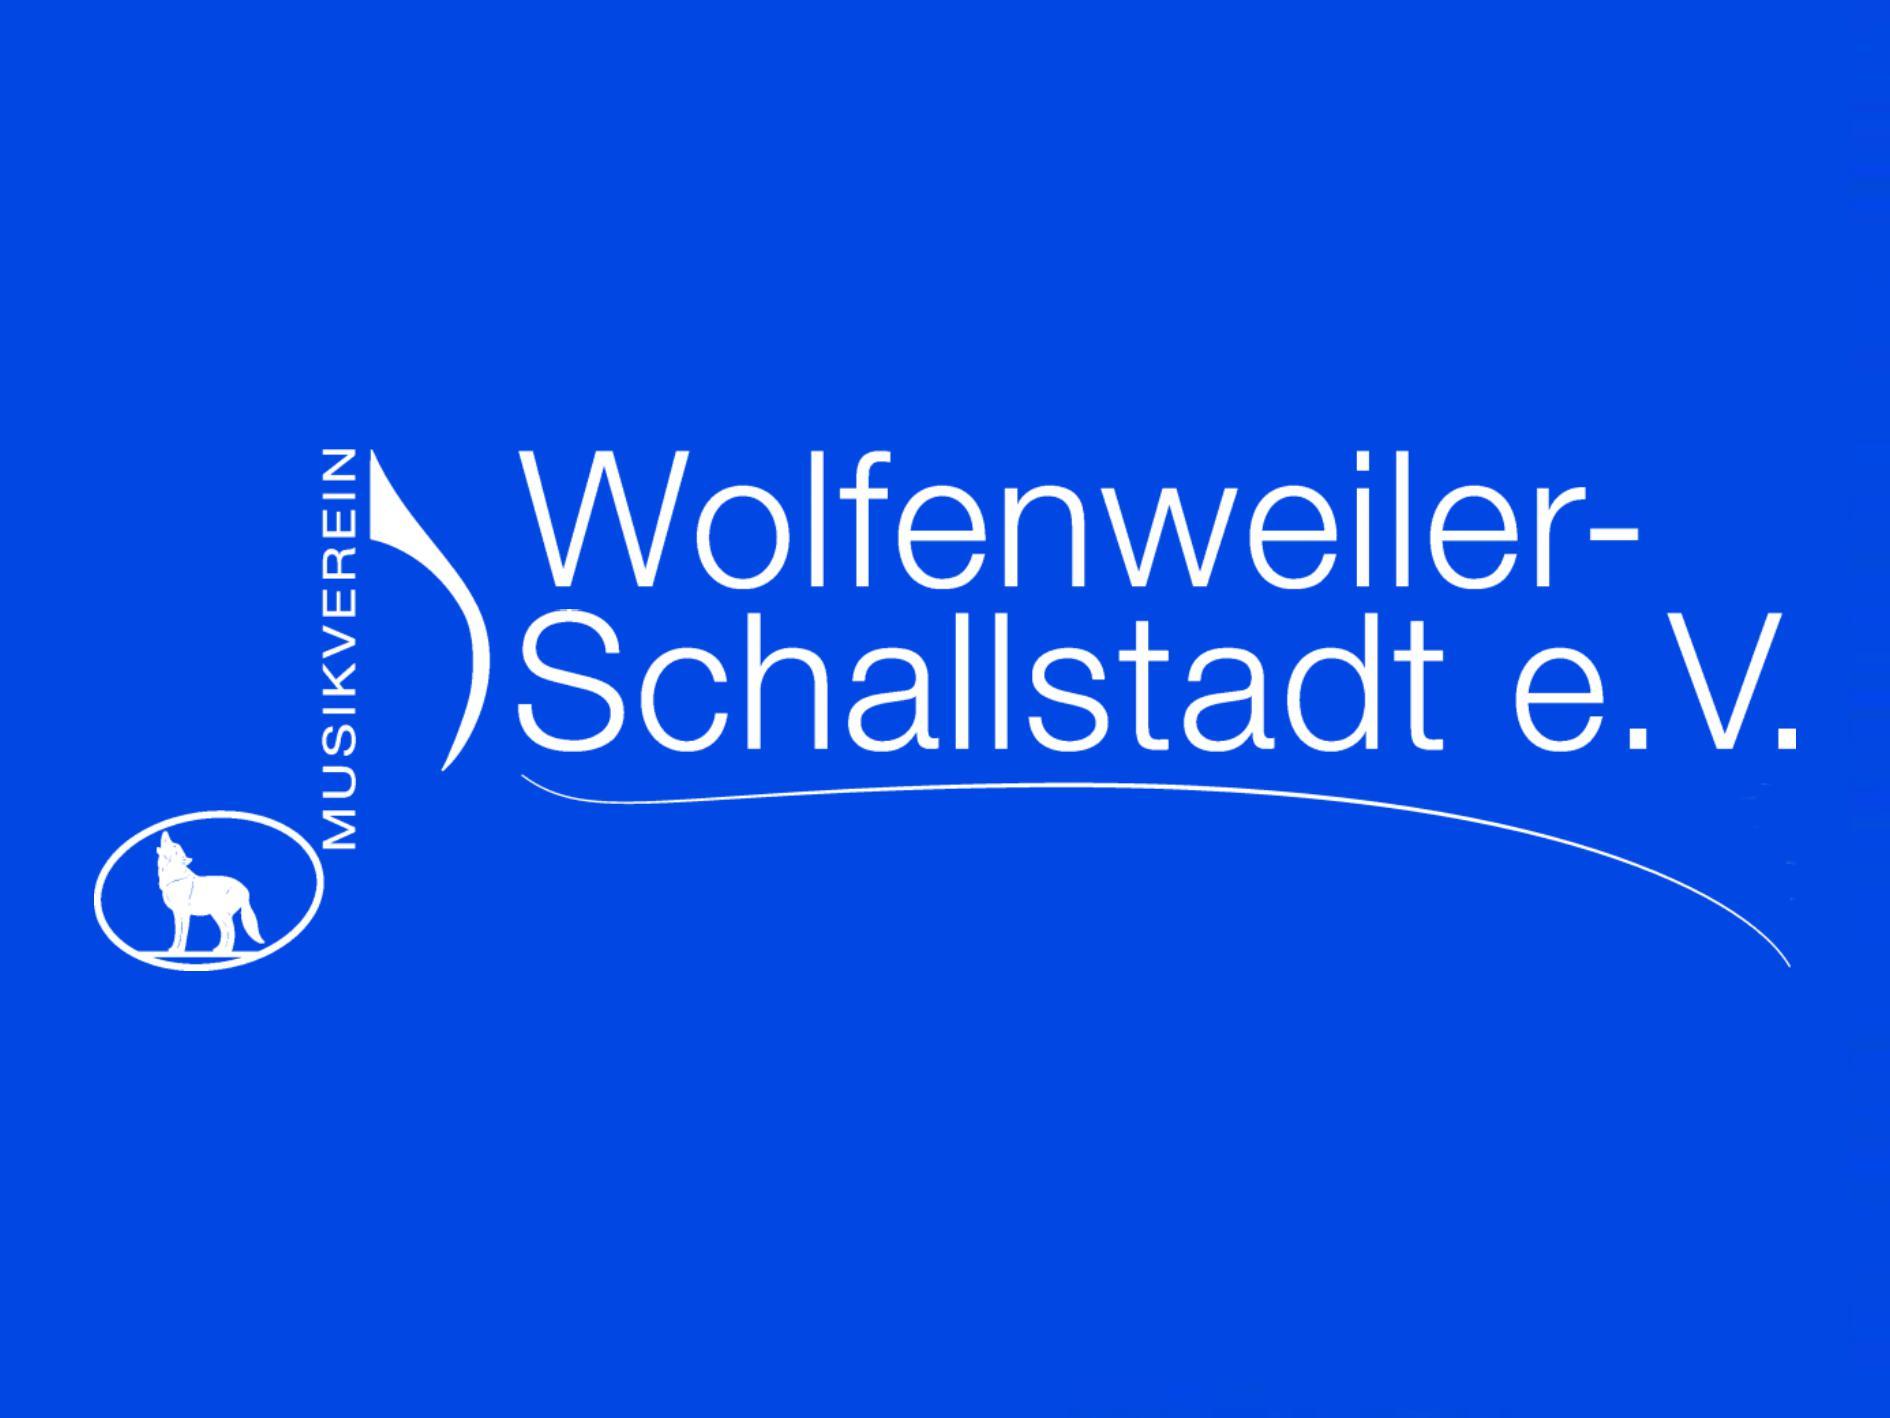 Musikverein Wolfenweiler-Schallstadt